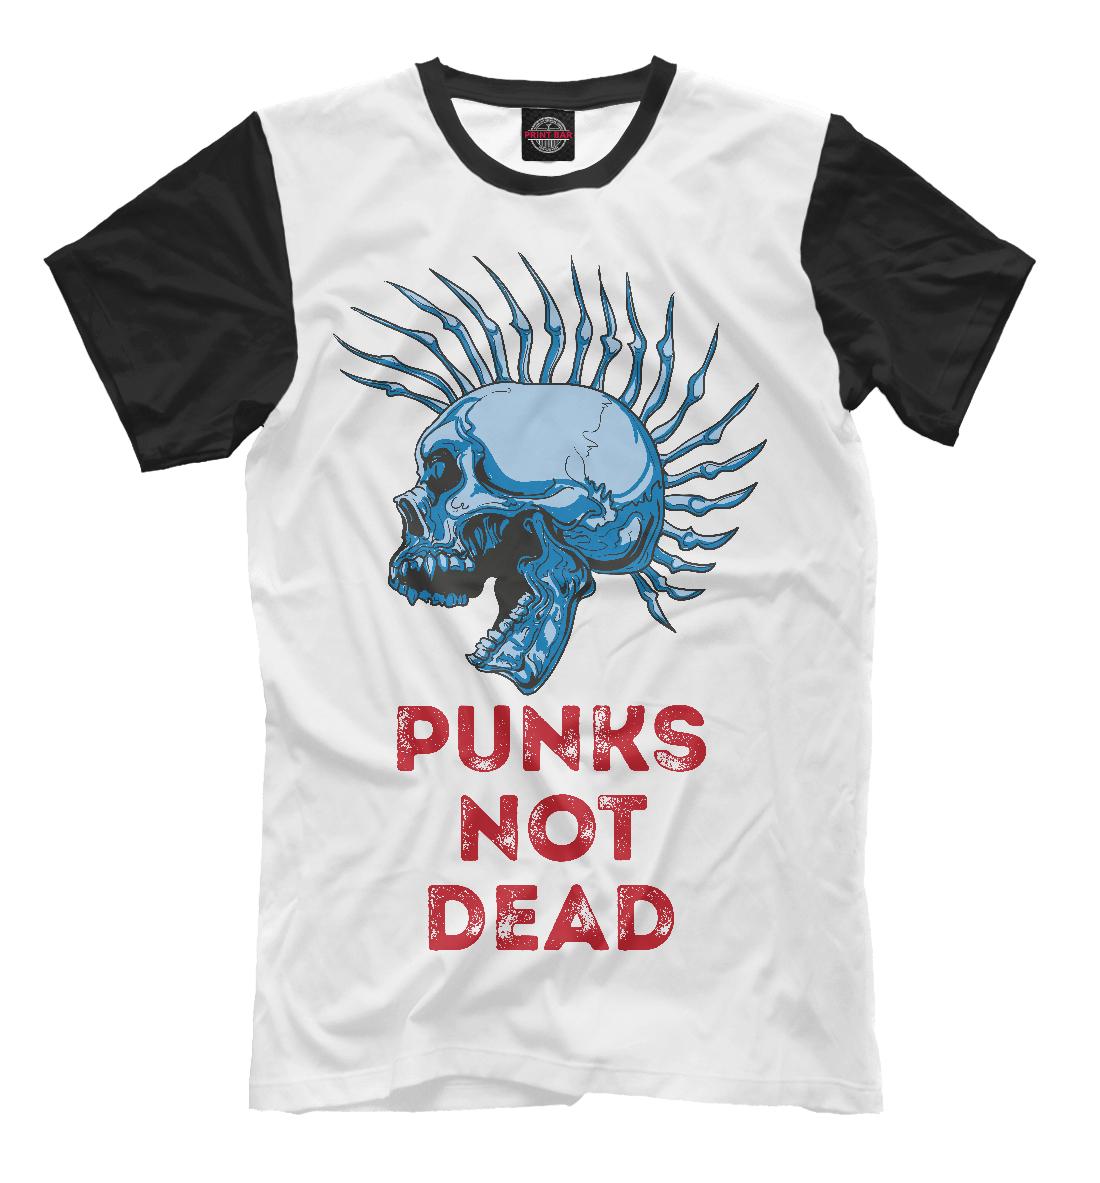 Купить Punks not dead, Printbar, Футболки, MZK-680959-fut-2